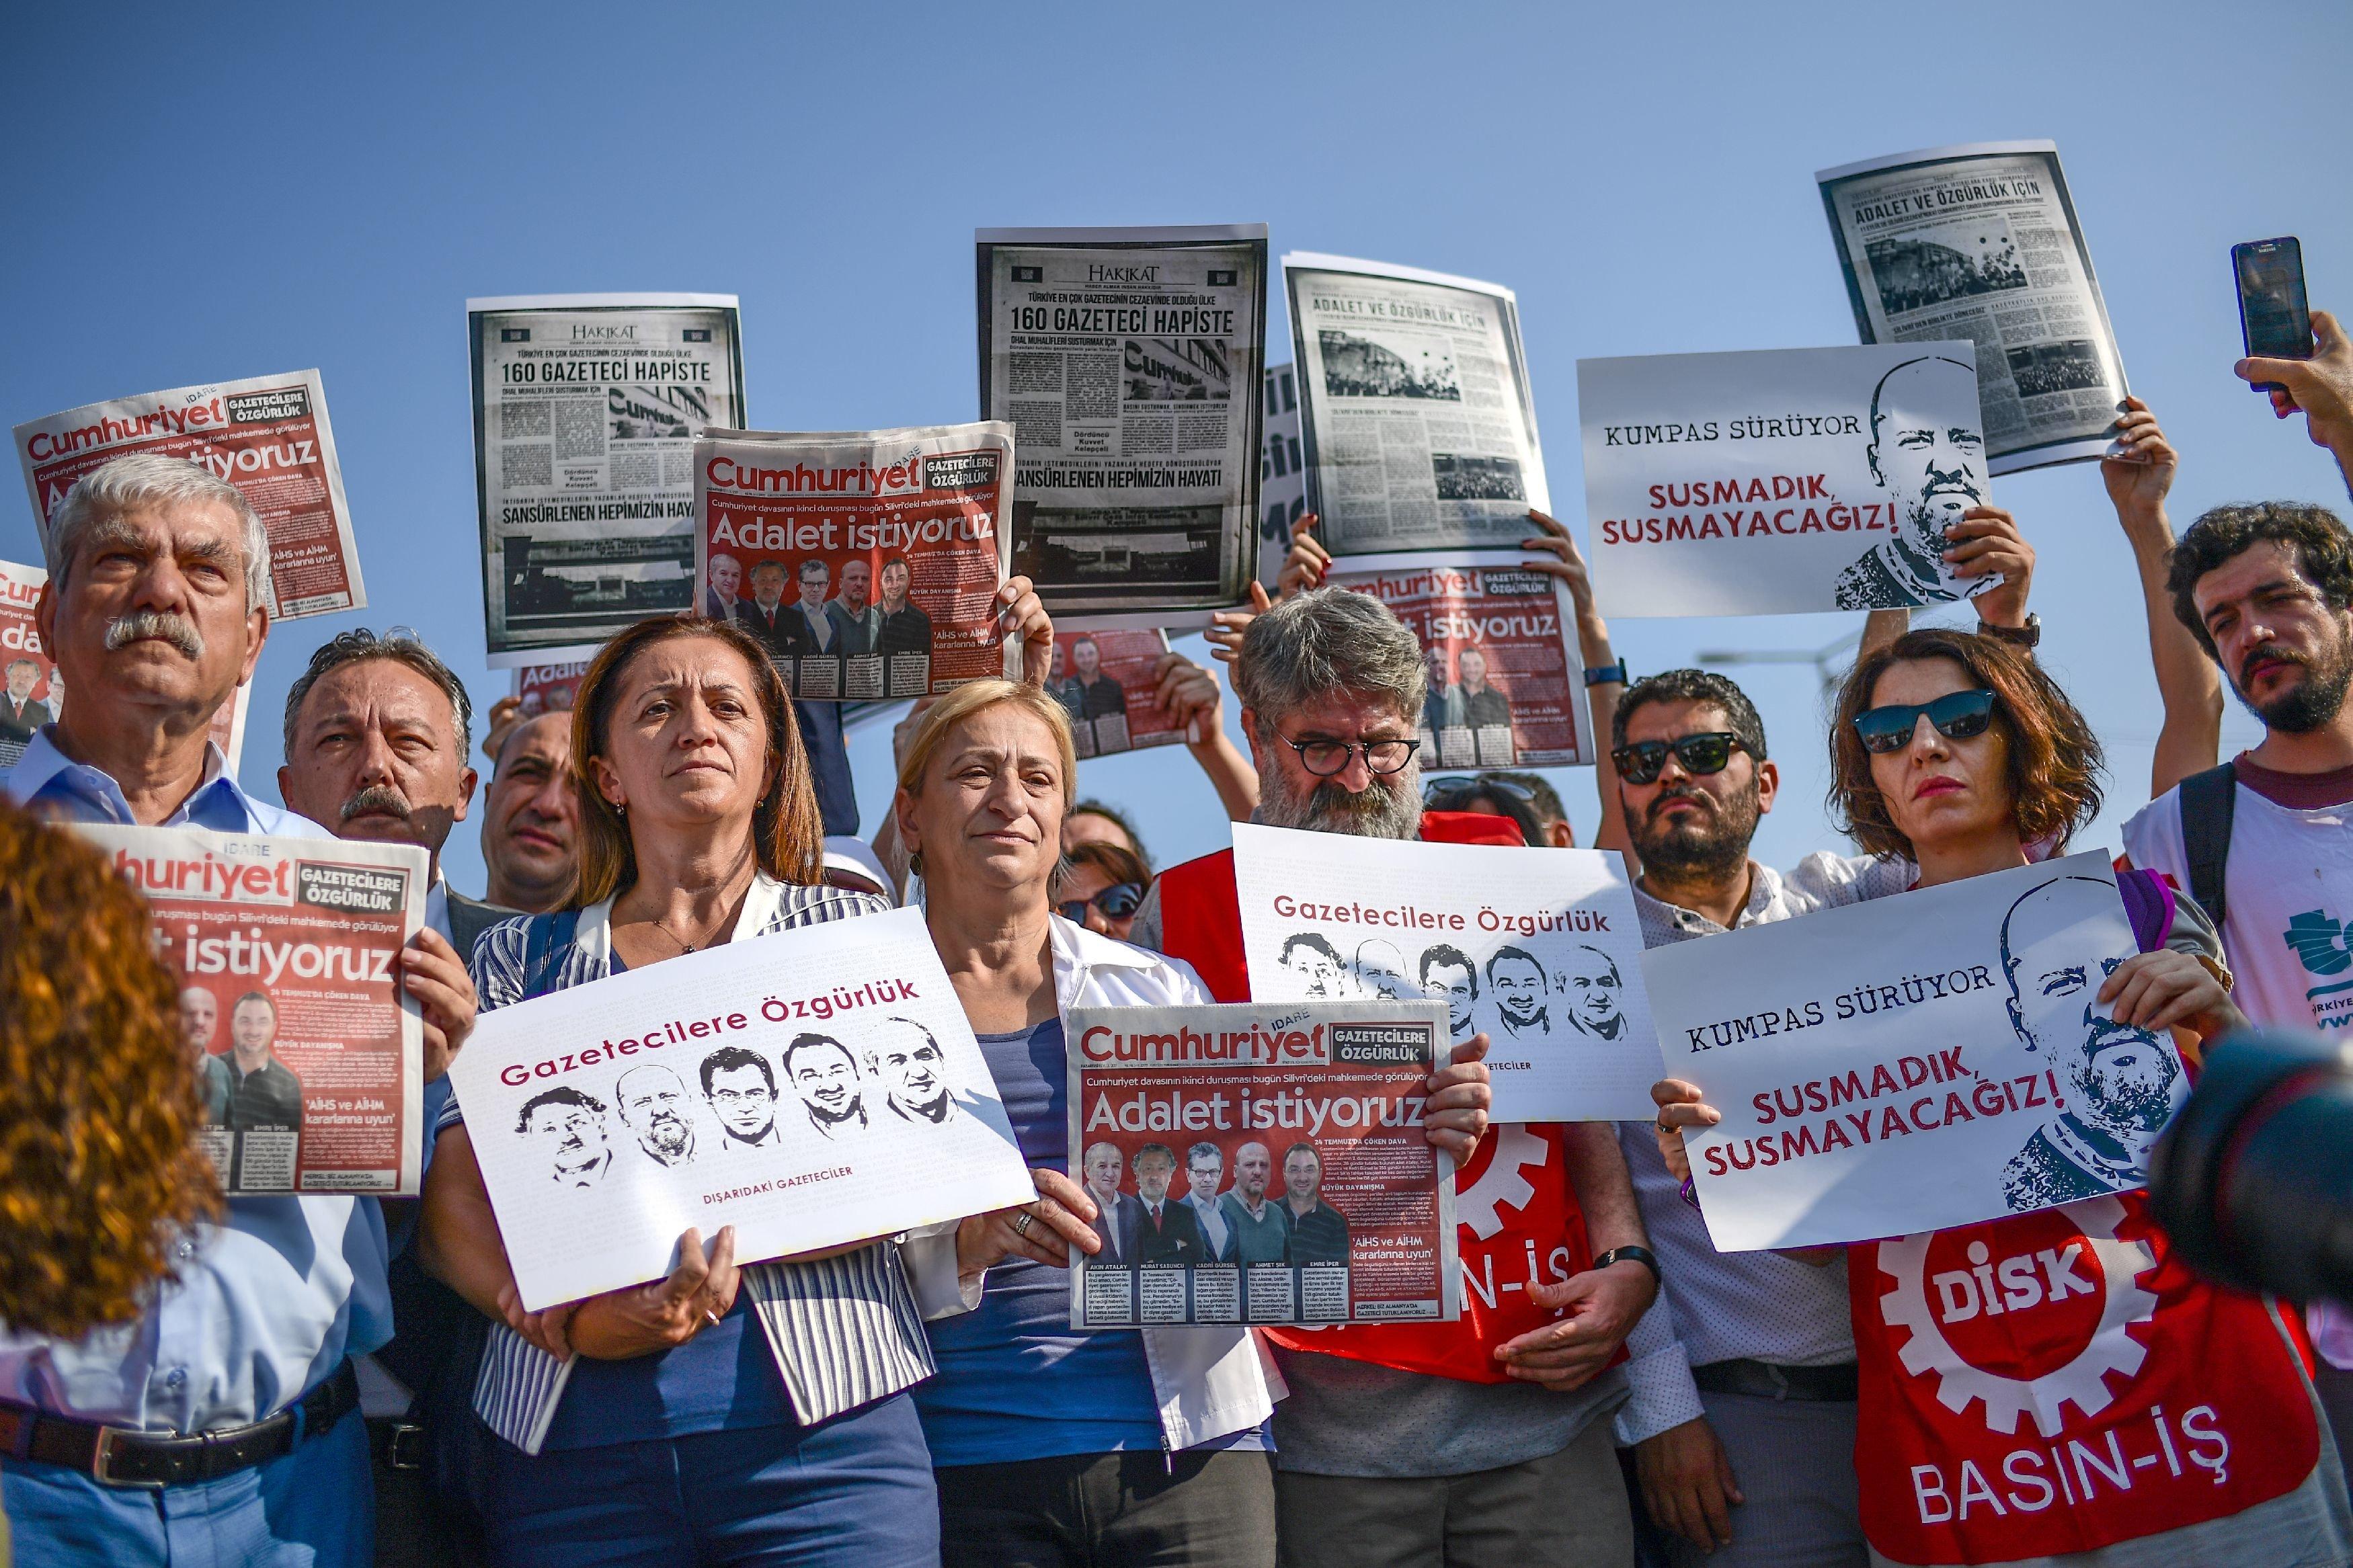 «Θα ντρέπεστε ενώπιον της Ιστορίας» το πρωτοσέλιδο-απάντηση της Cumhuriyet για την καταδίκη σε τρομοκρατία των δημοσιογράφων